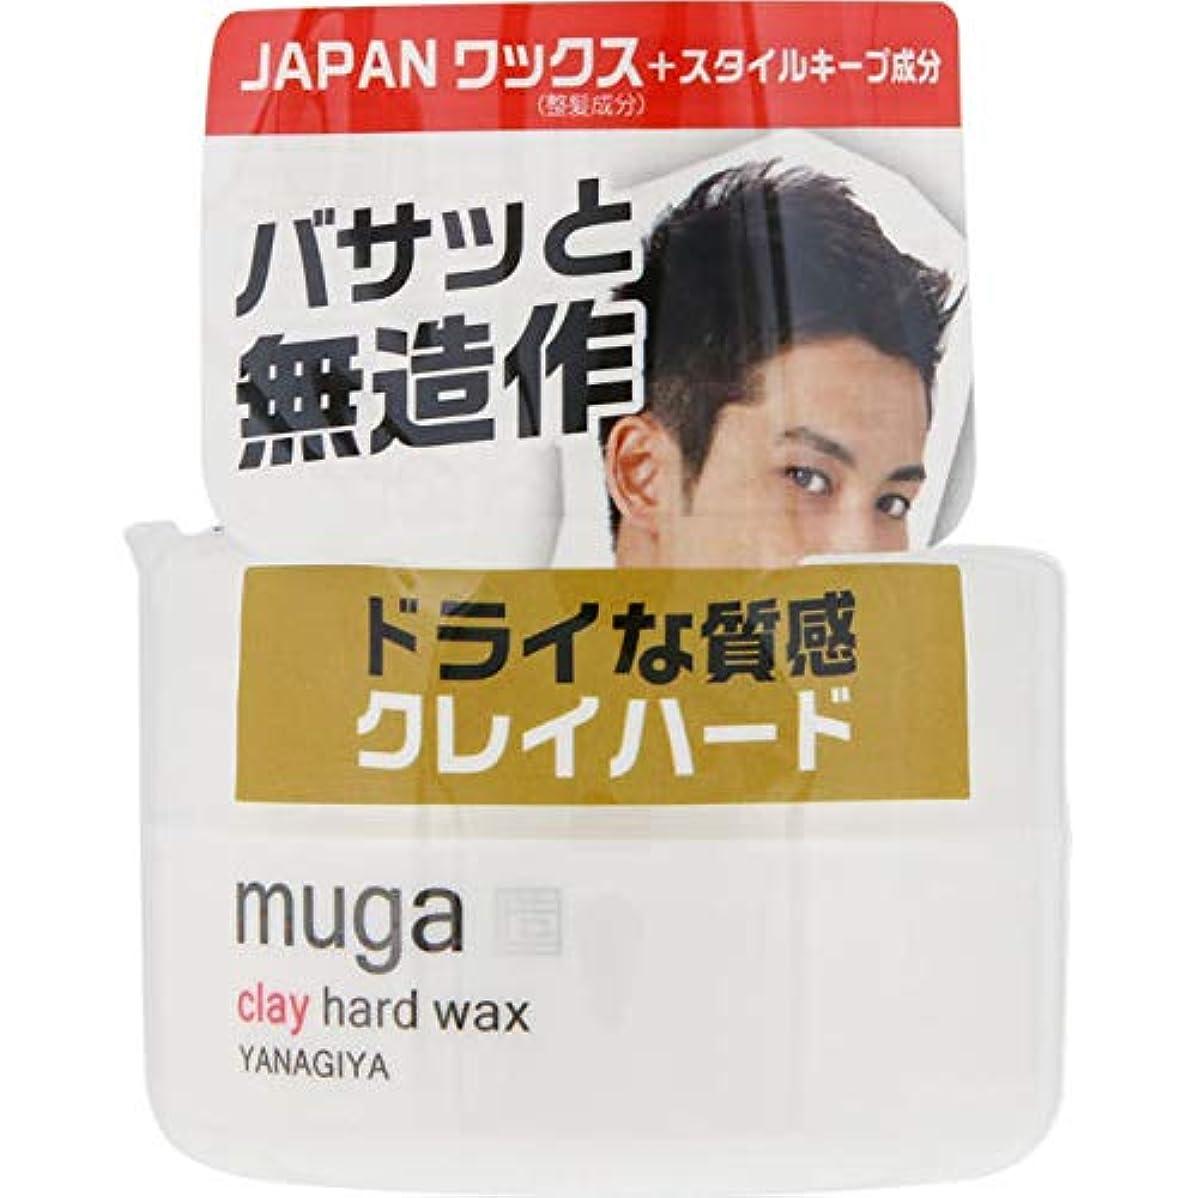 固める予定予想するMUGA クレイハードワックス 85g